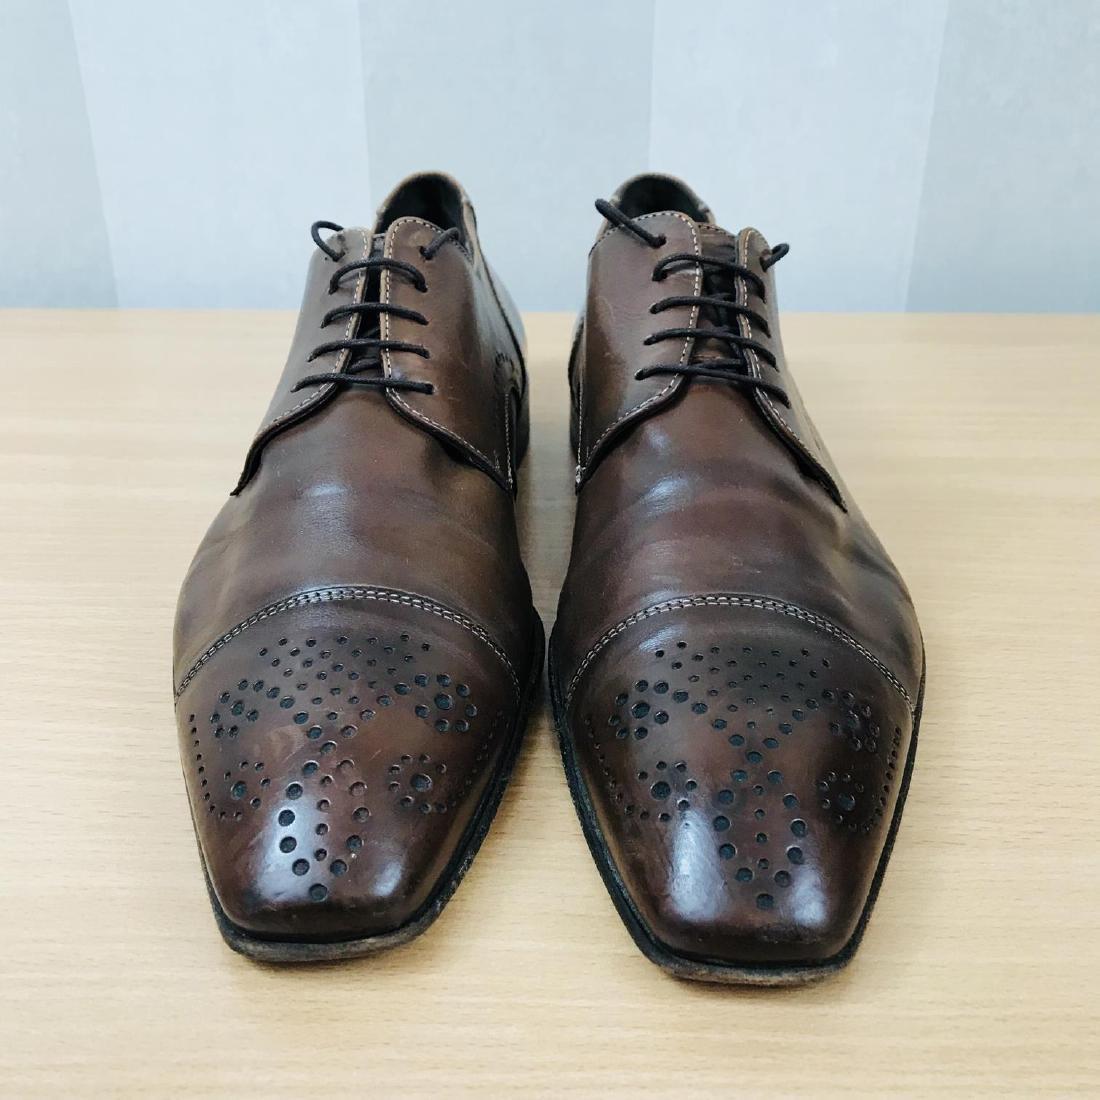 Vintage Men's LLOYD Leather Shoes Size EUR 41 US 8 - 3